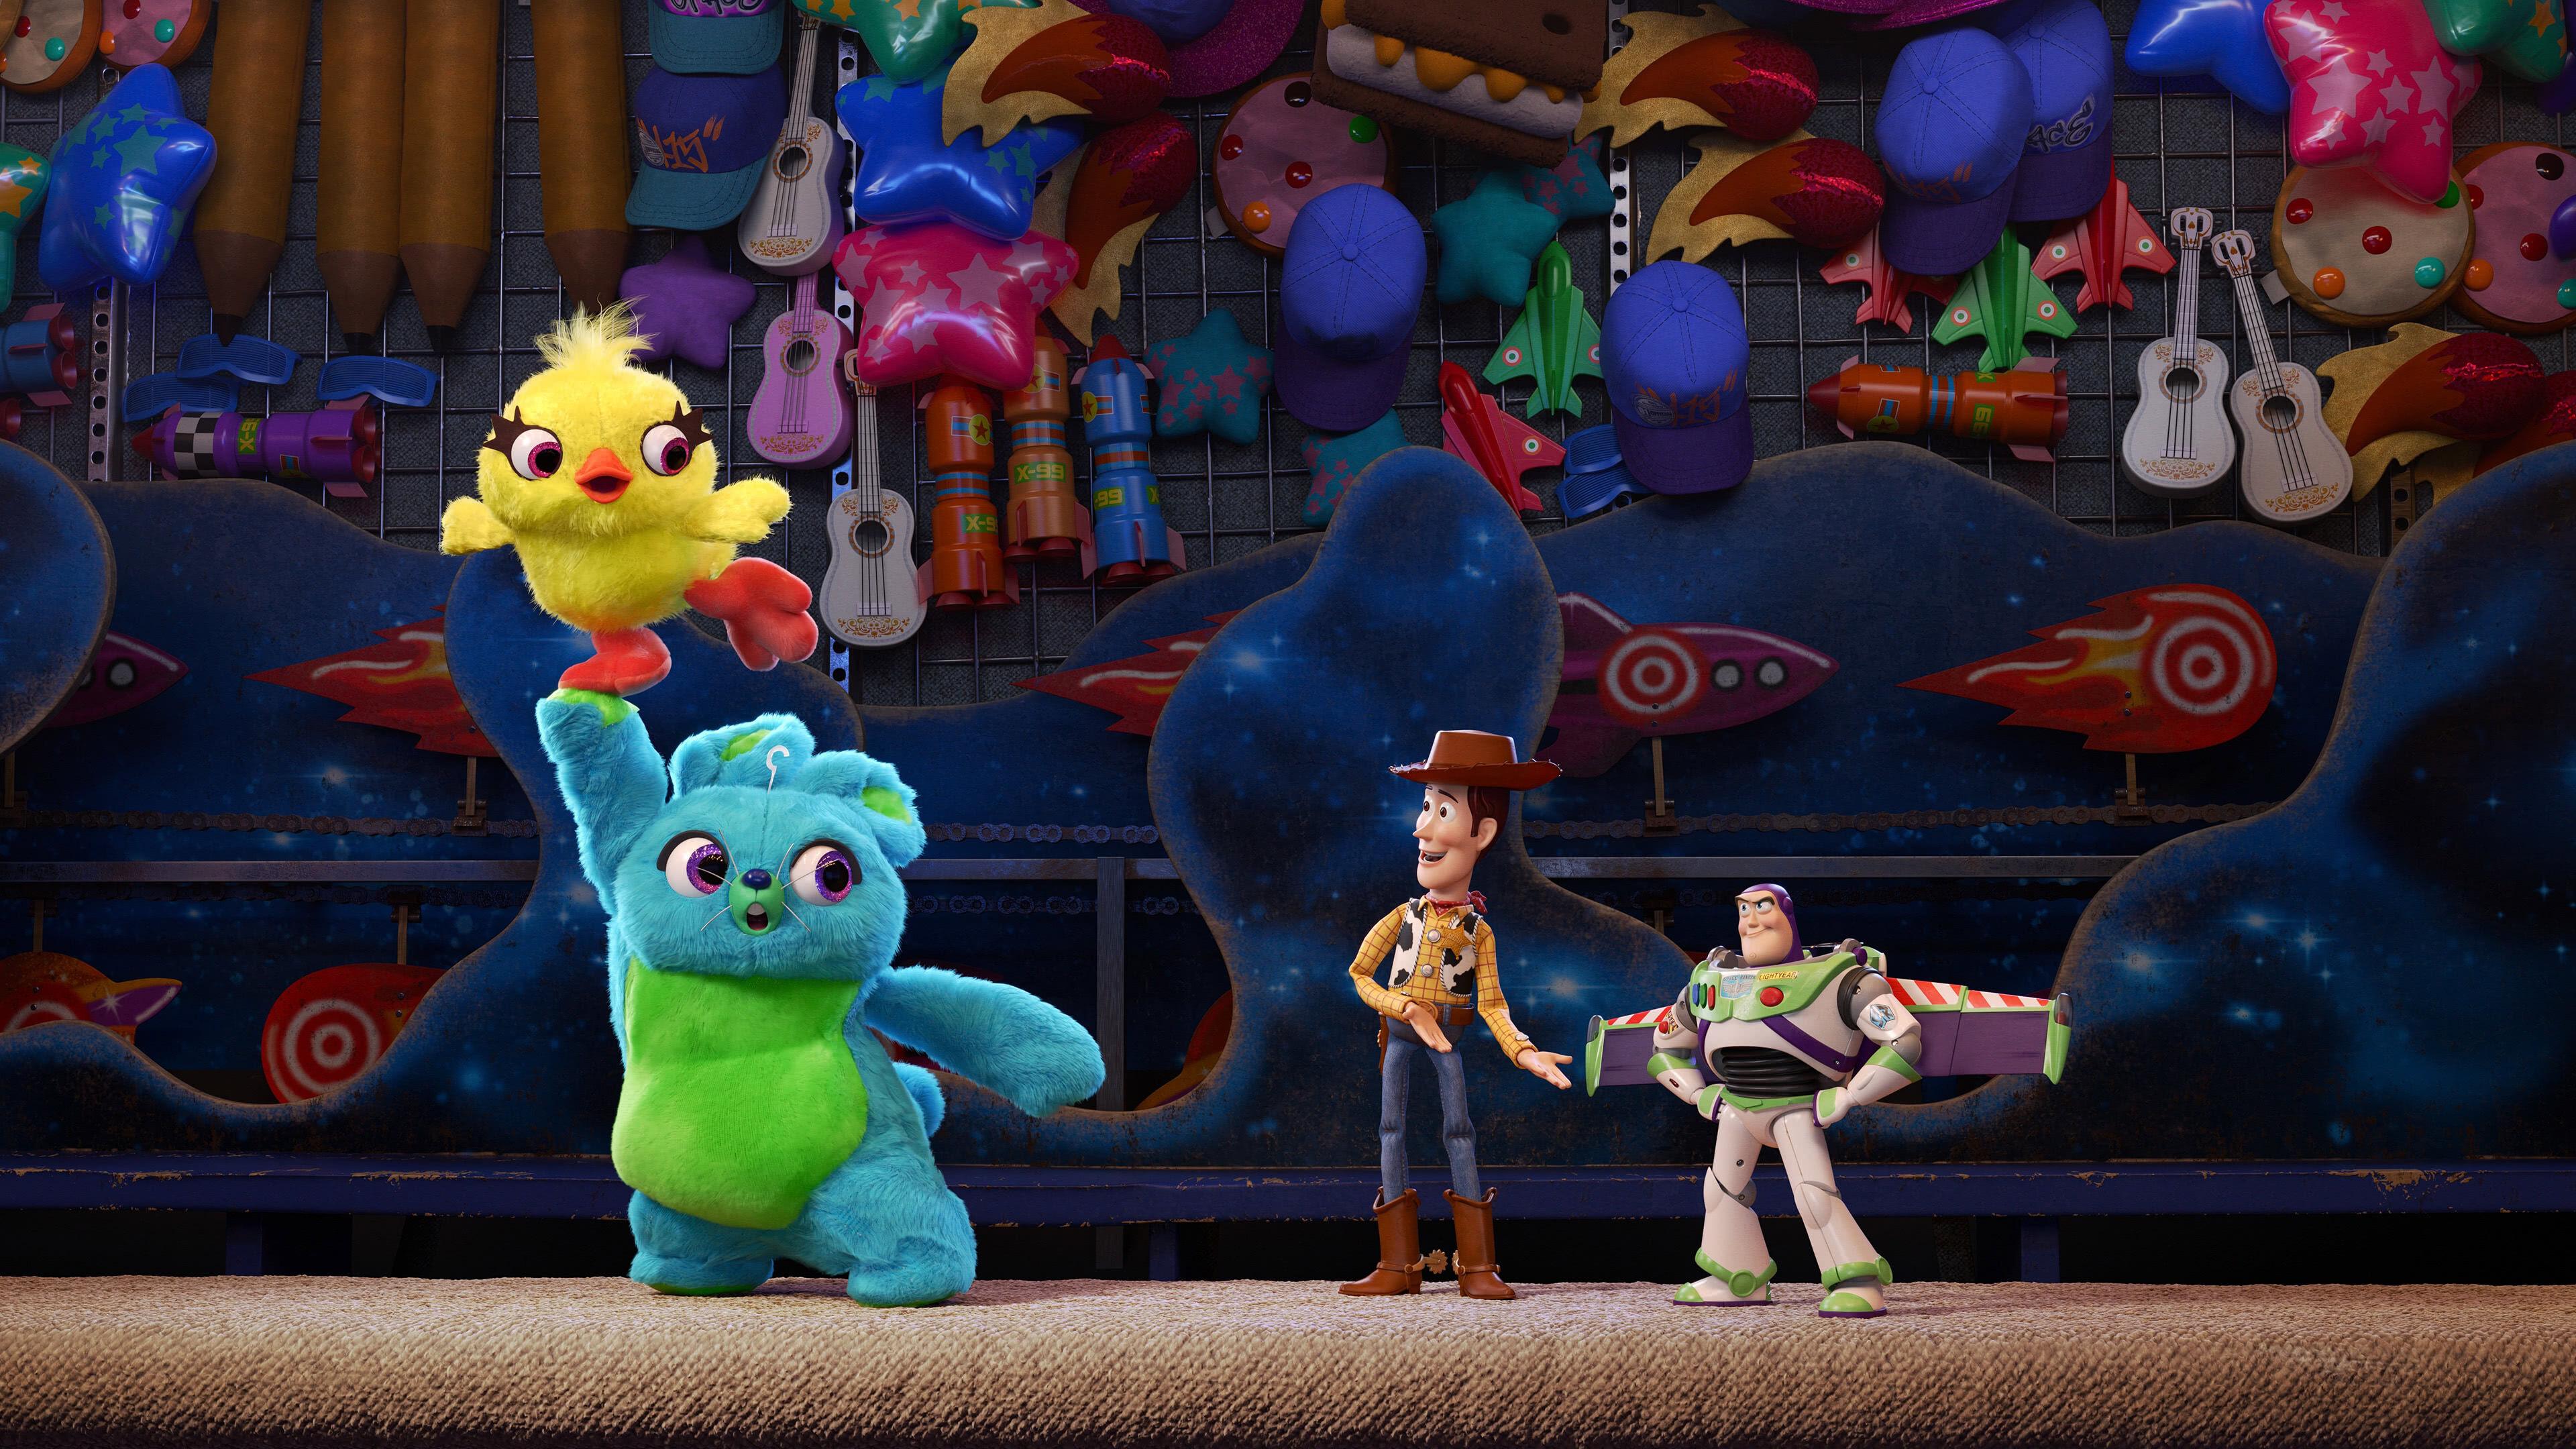 Toy Story 4 Duke Kaboom Woody Buzz Lightyear Uhd 4k